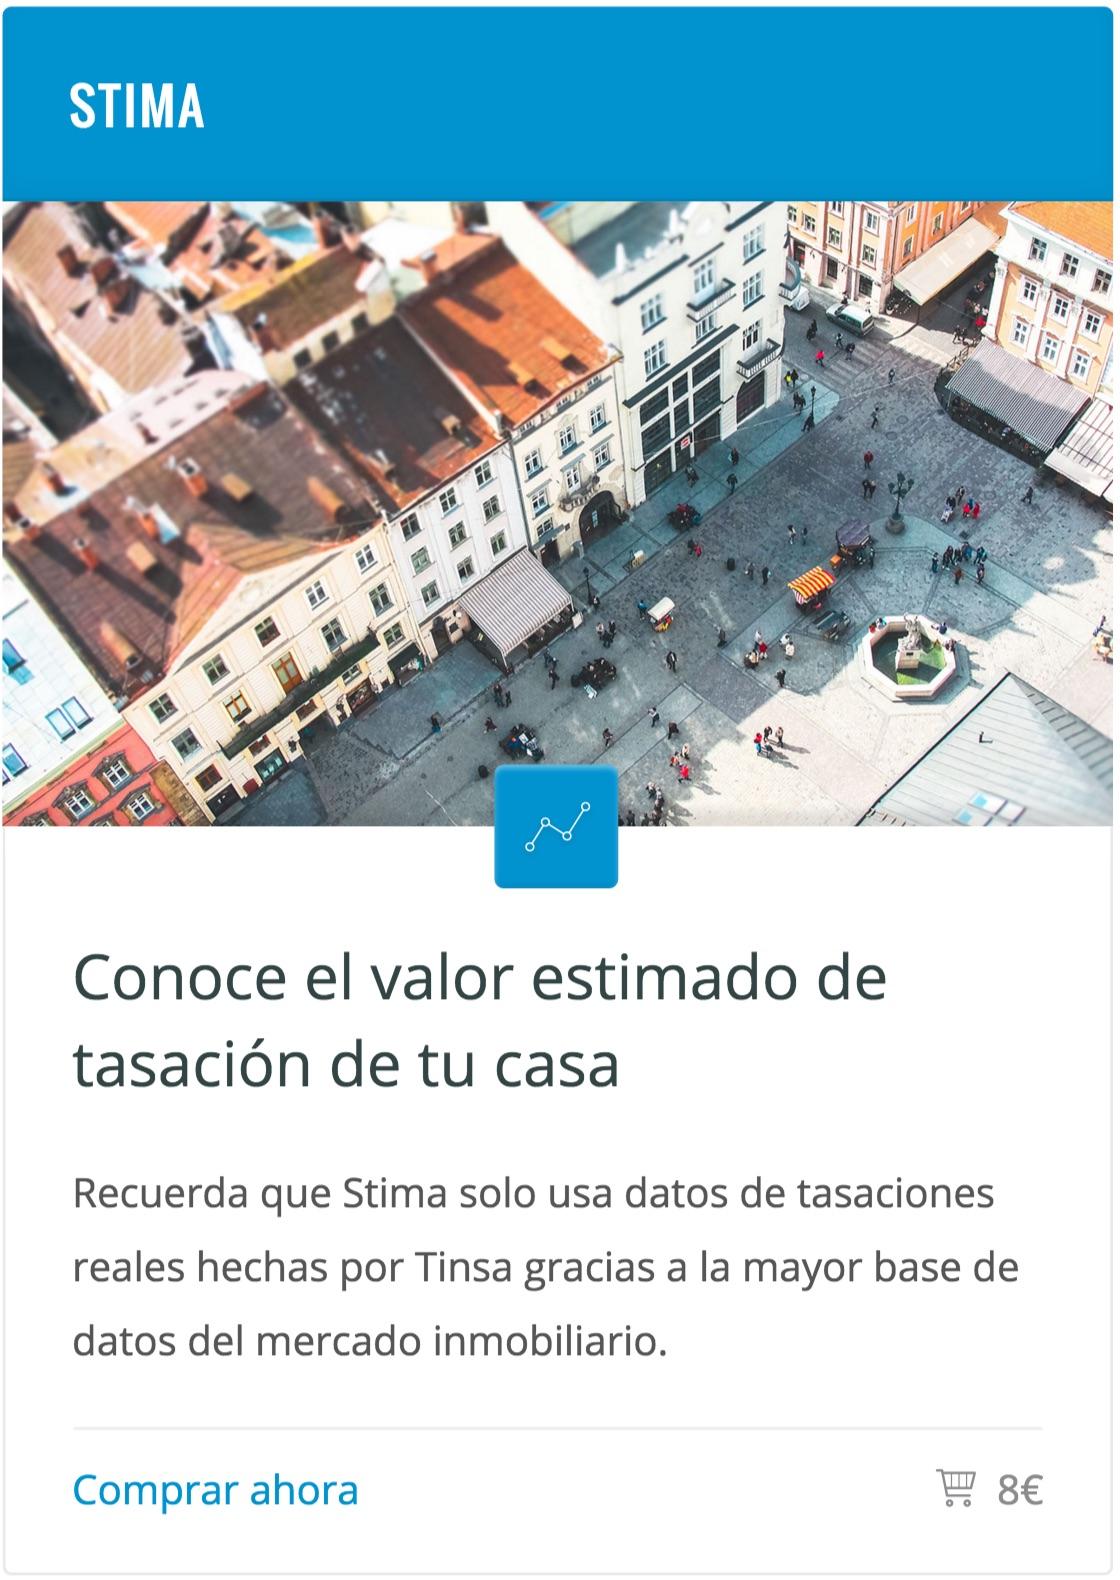 Tasación online viviendas Stima